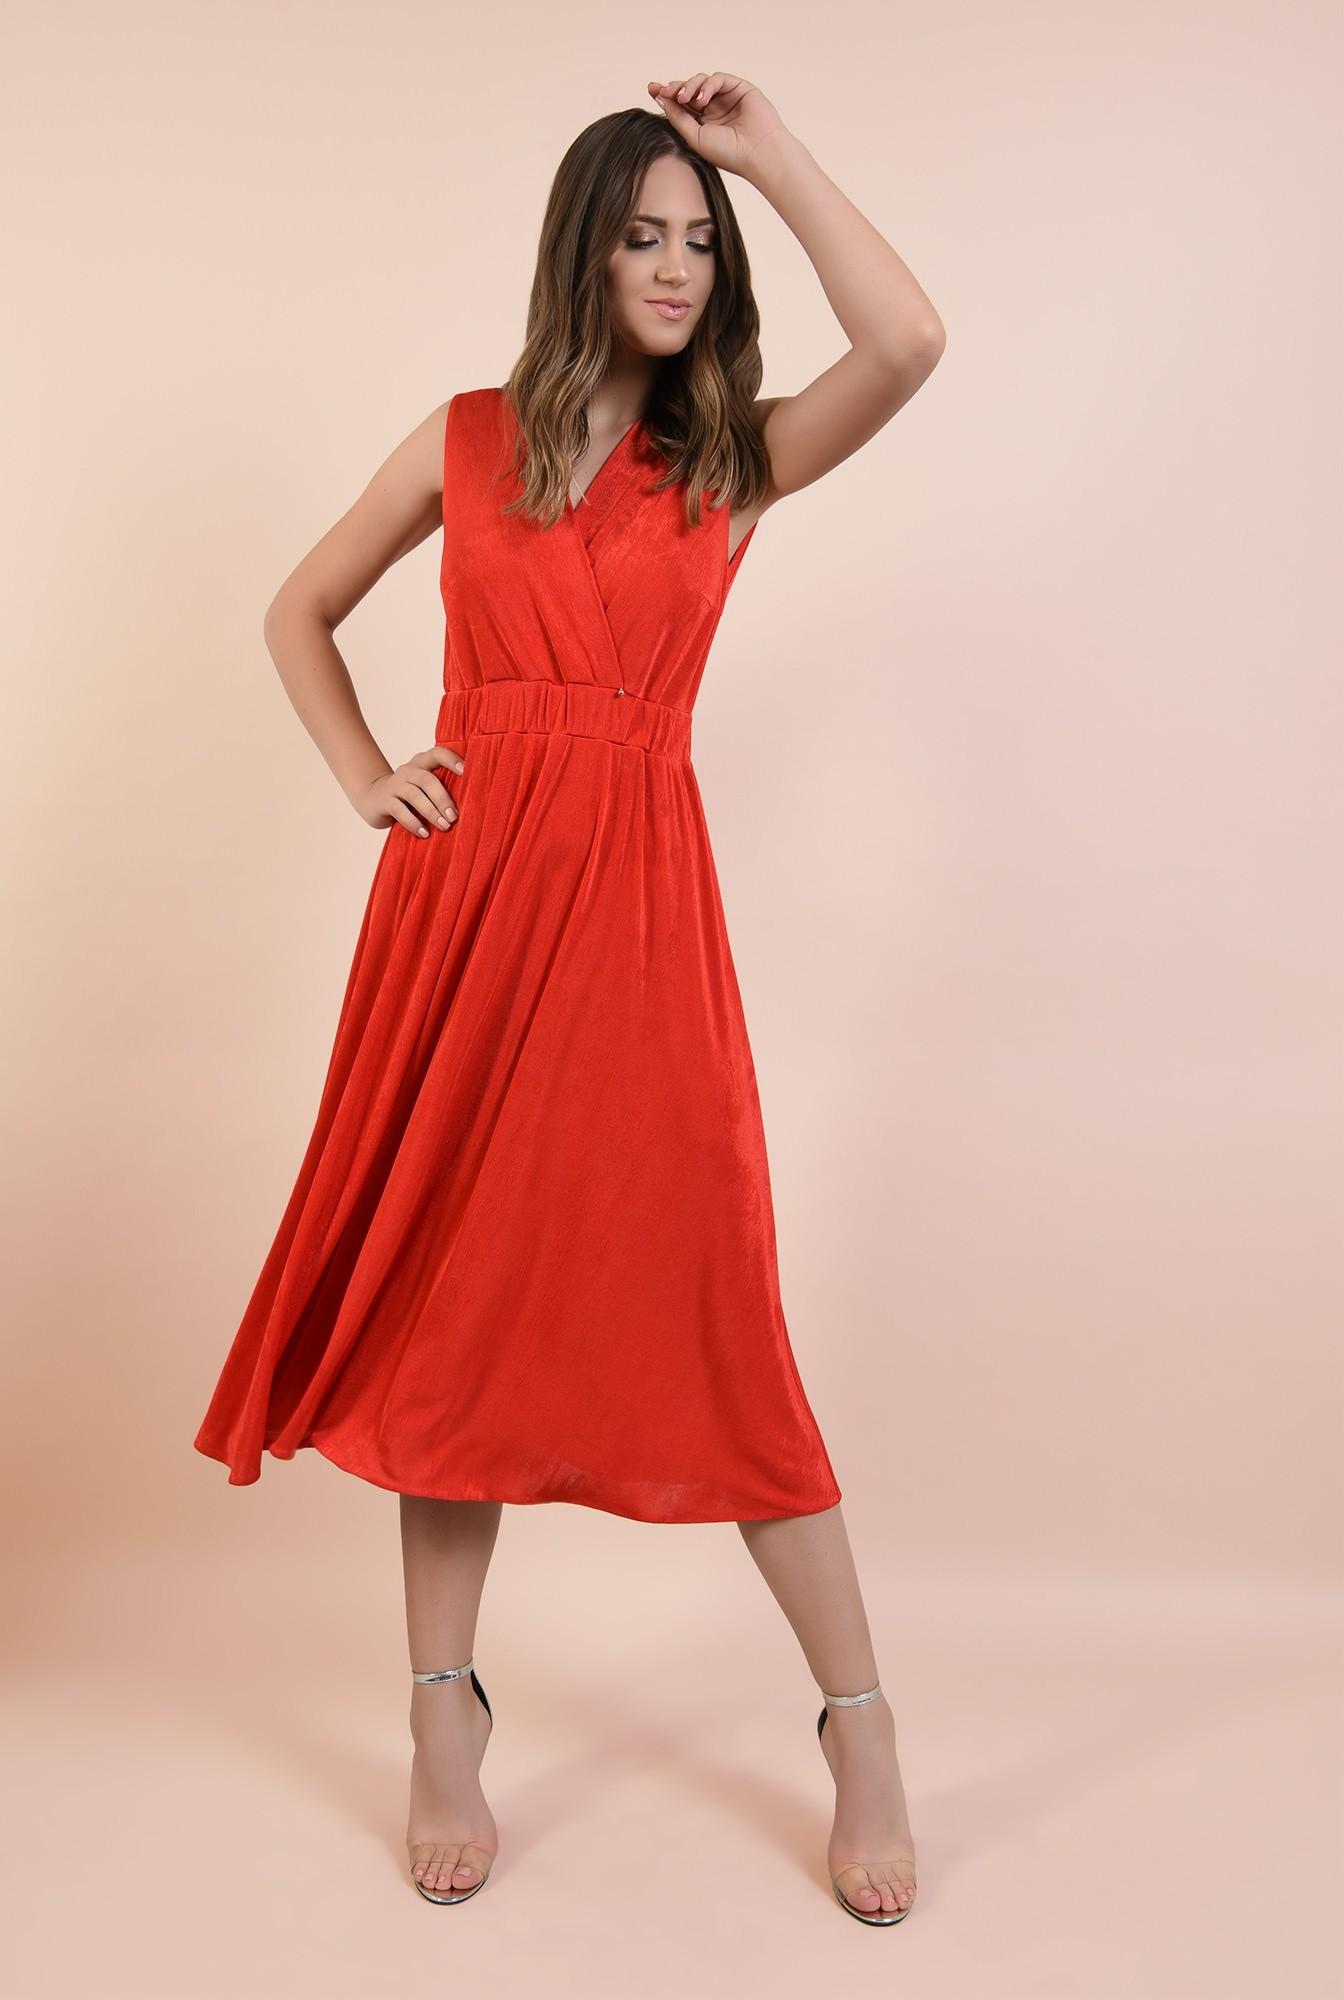 0 - rochie de seara, rosie, midi, evazata, spate cu snur, decolteu anchior petrecut